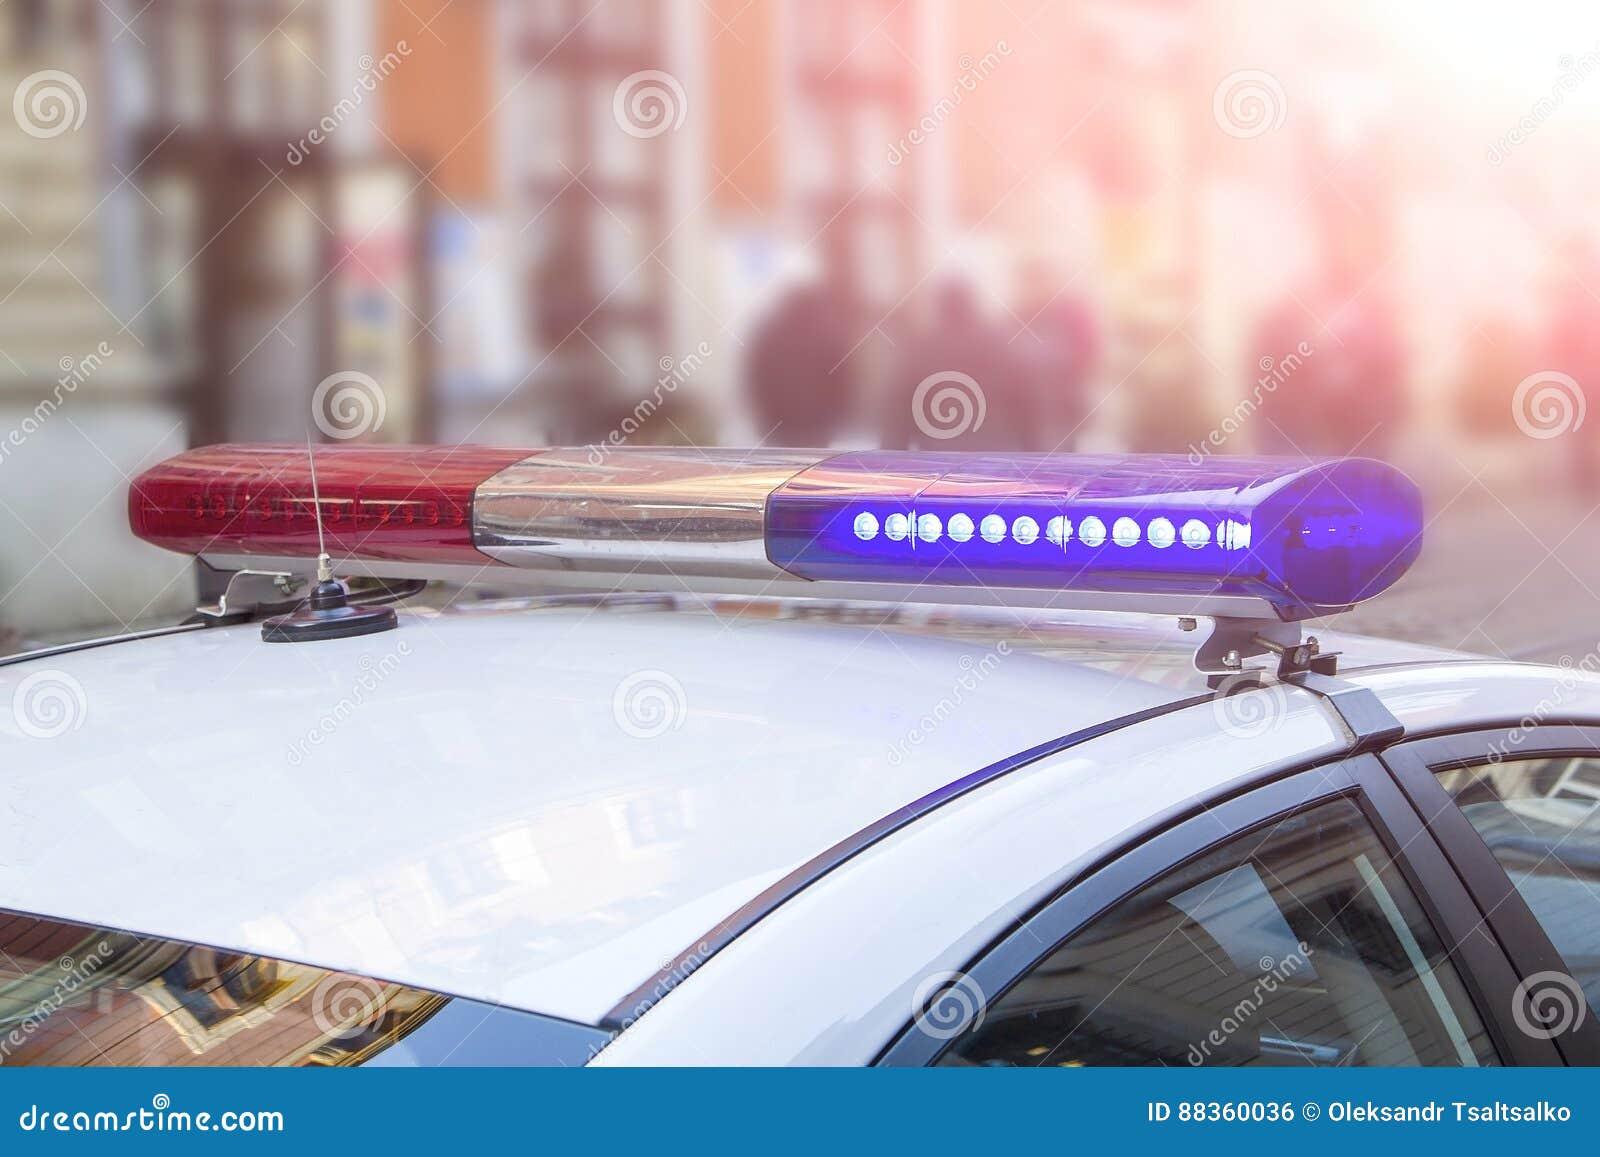 Politielicht en sirene op de auto